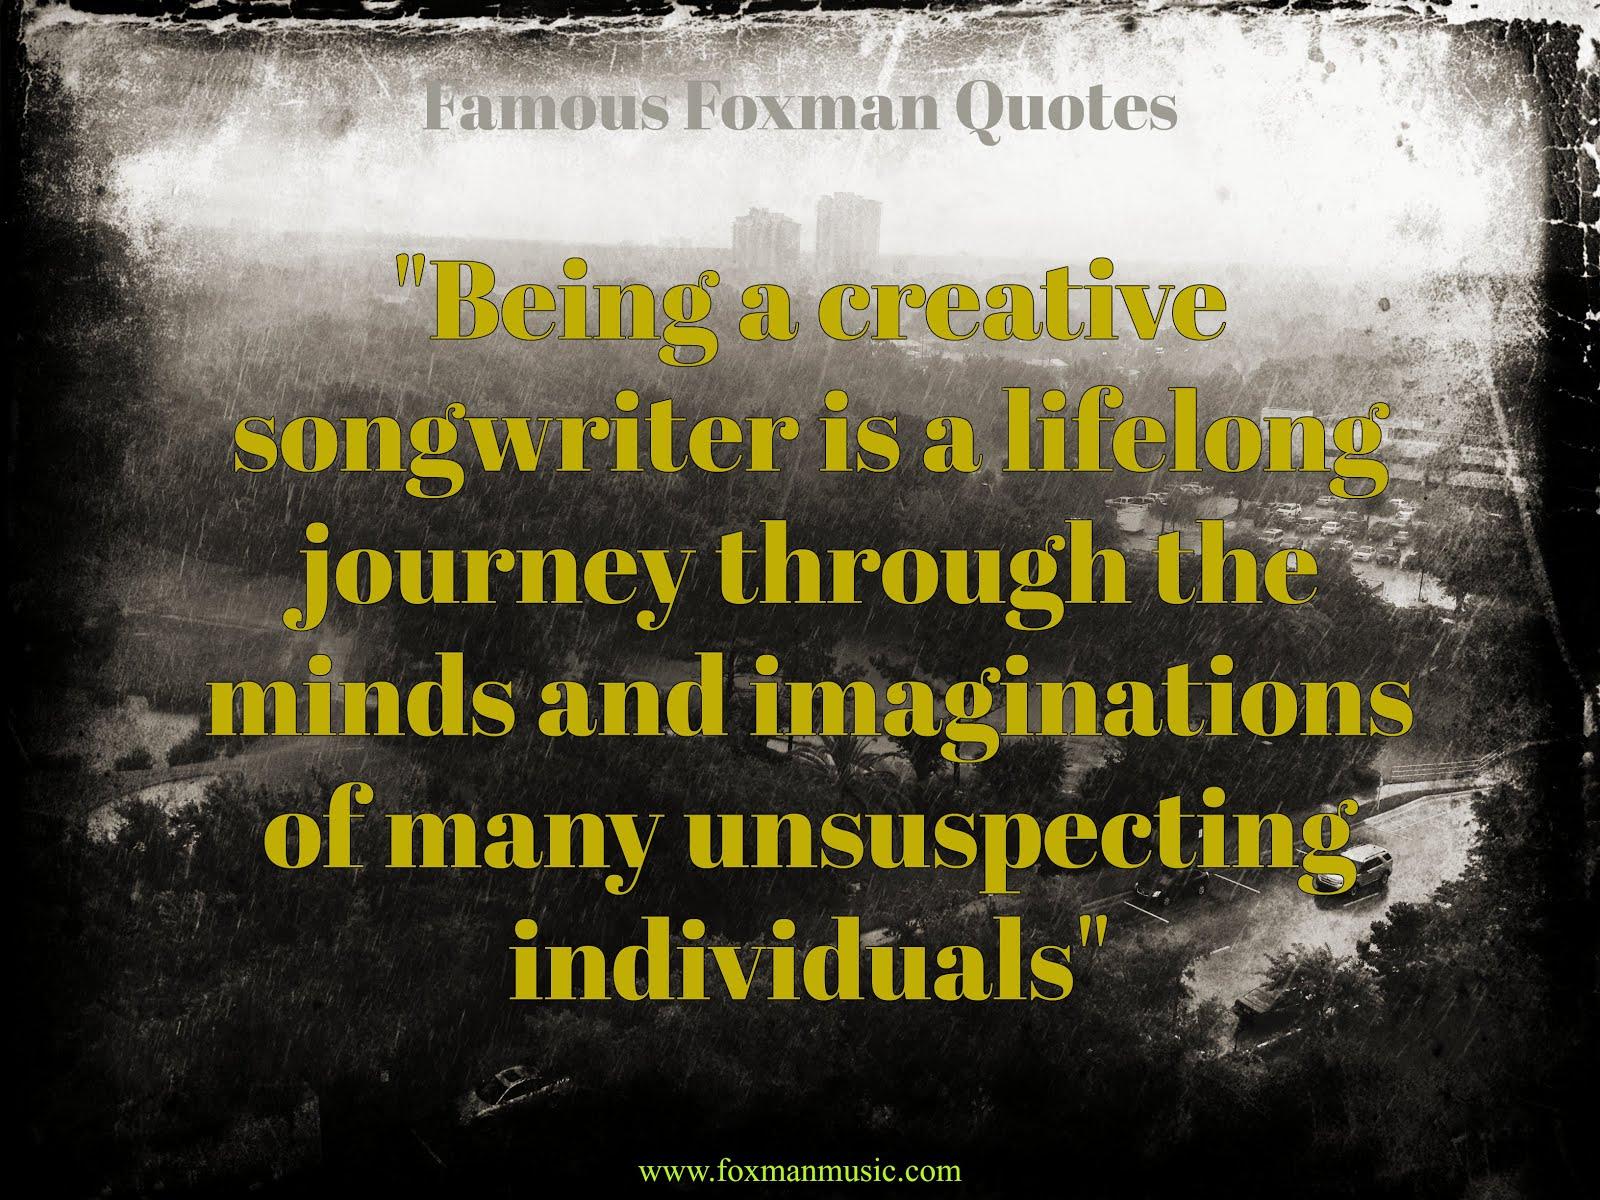 Foxman Quote